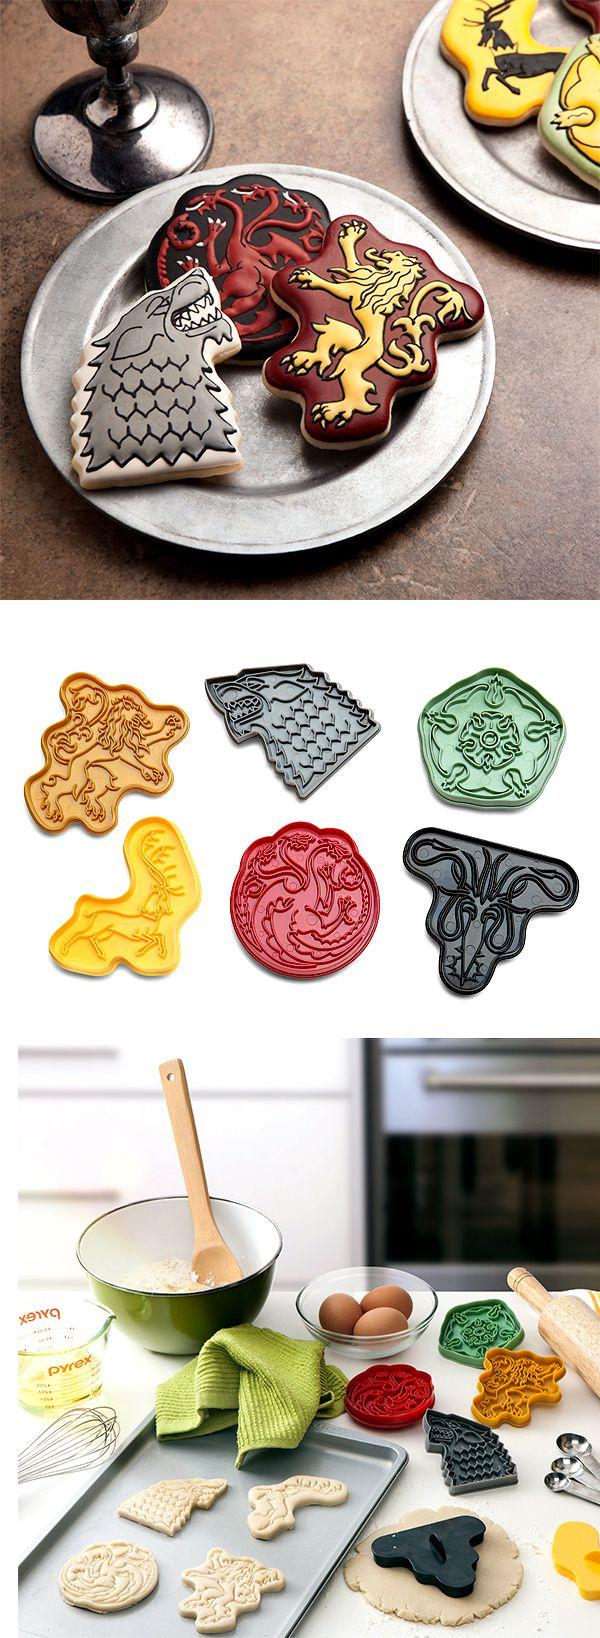 game of thrones house sigil cookie cutters pinterest 30 geburtstag geburtstagstorte und backen. Black Bedroom Furniture Sets. Home Design Ideas